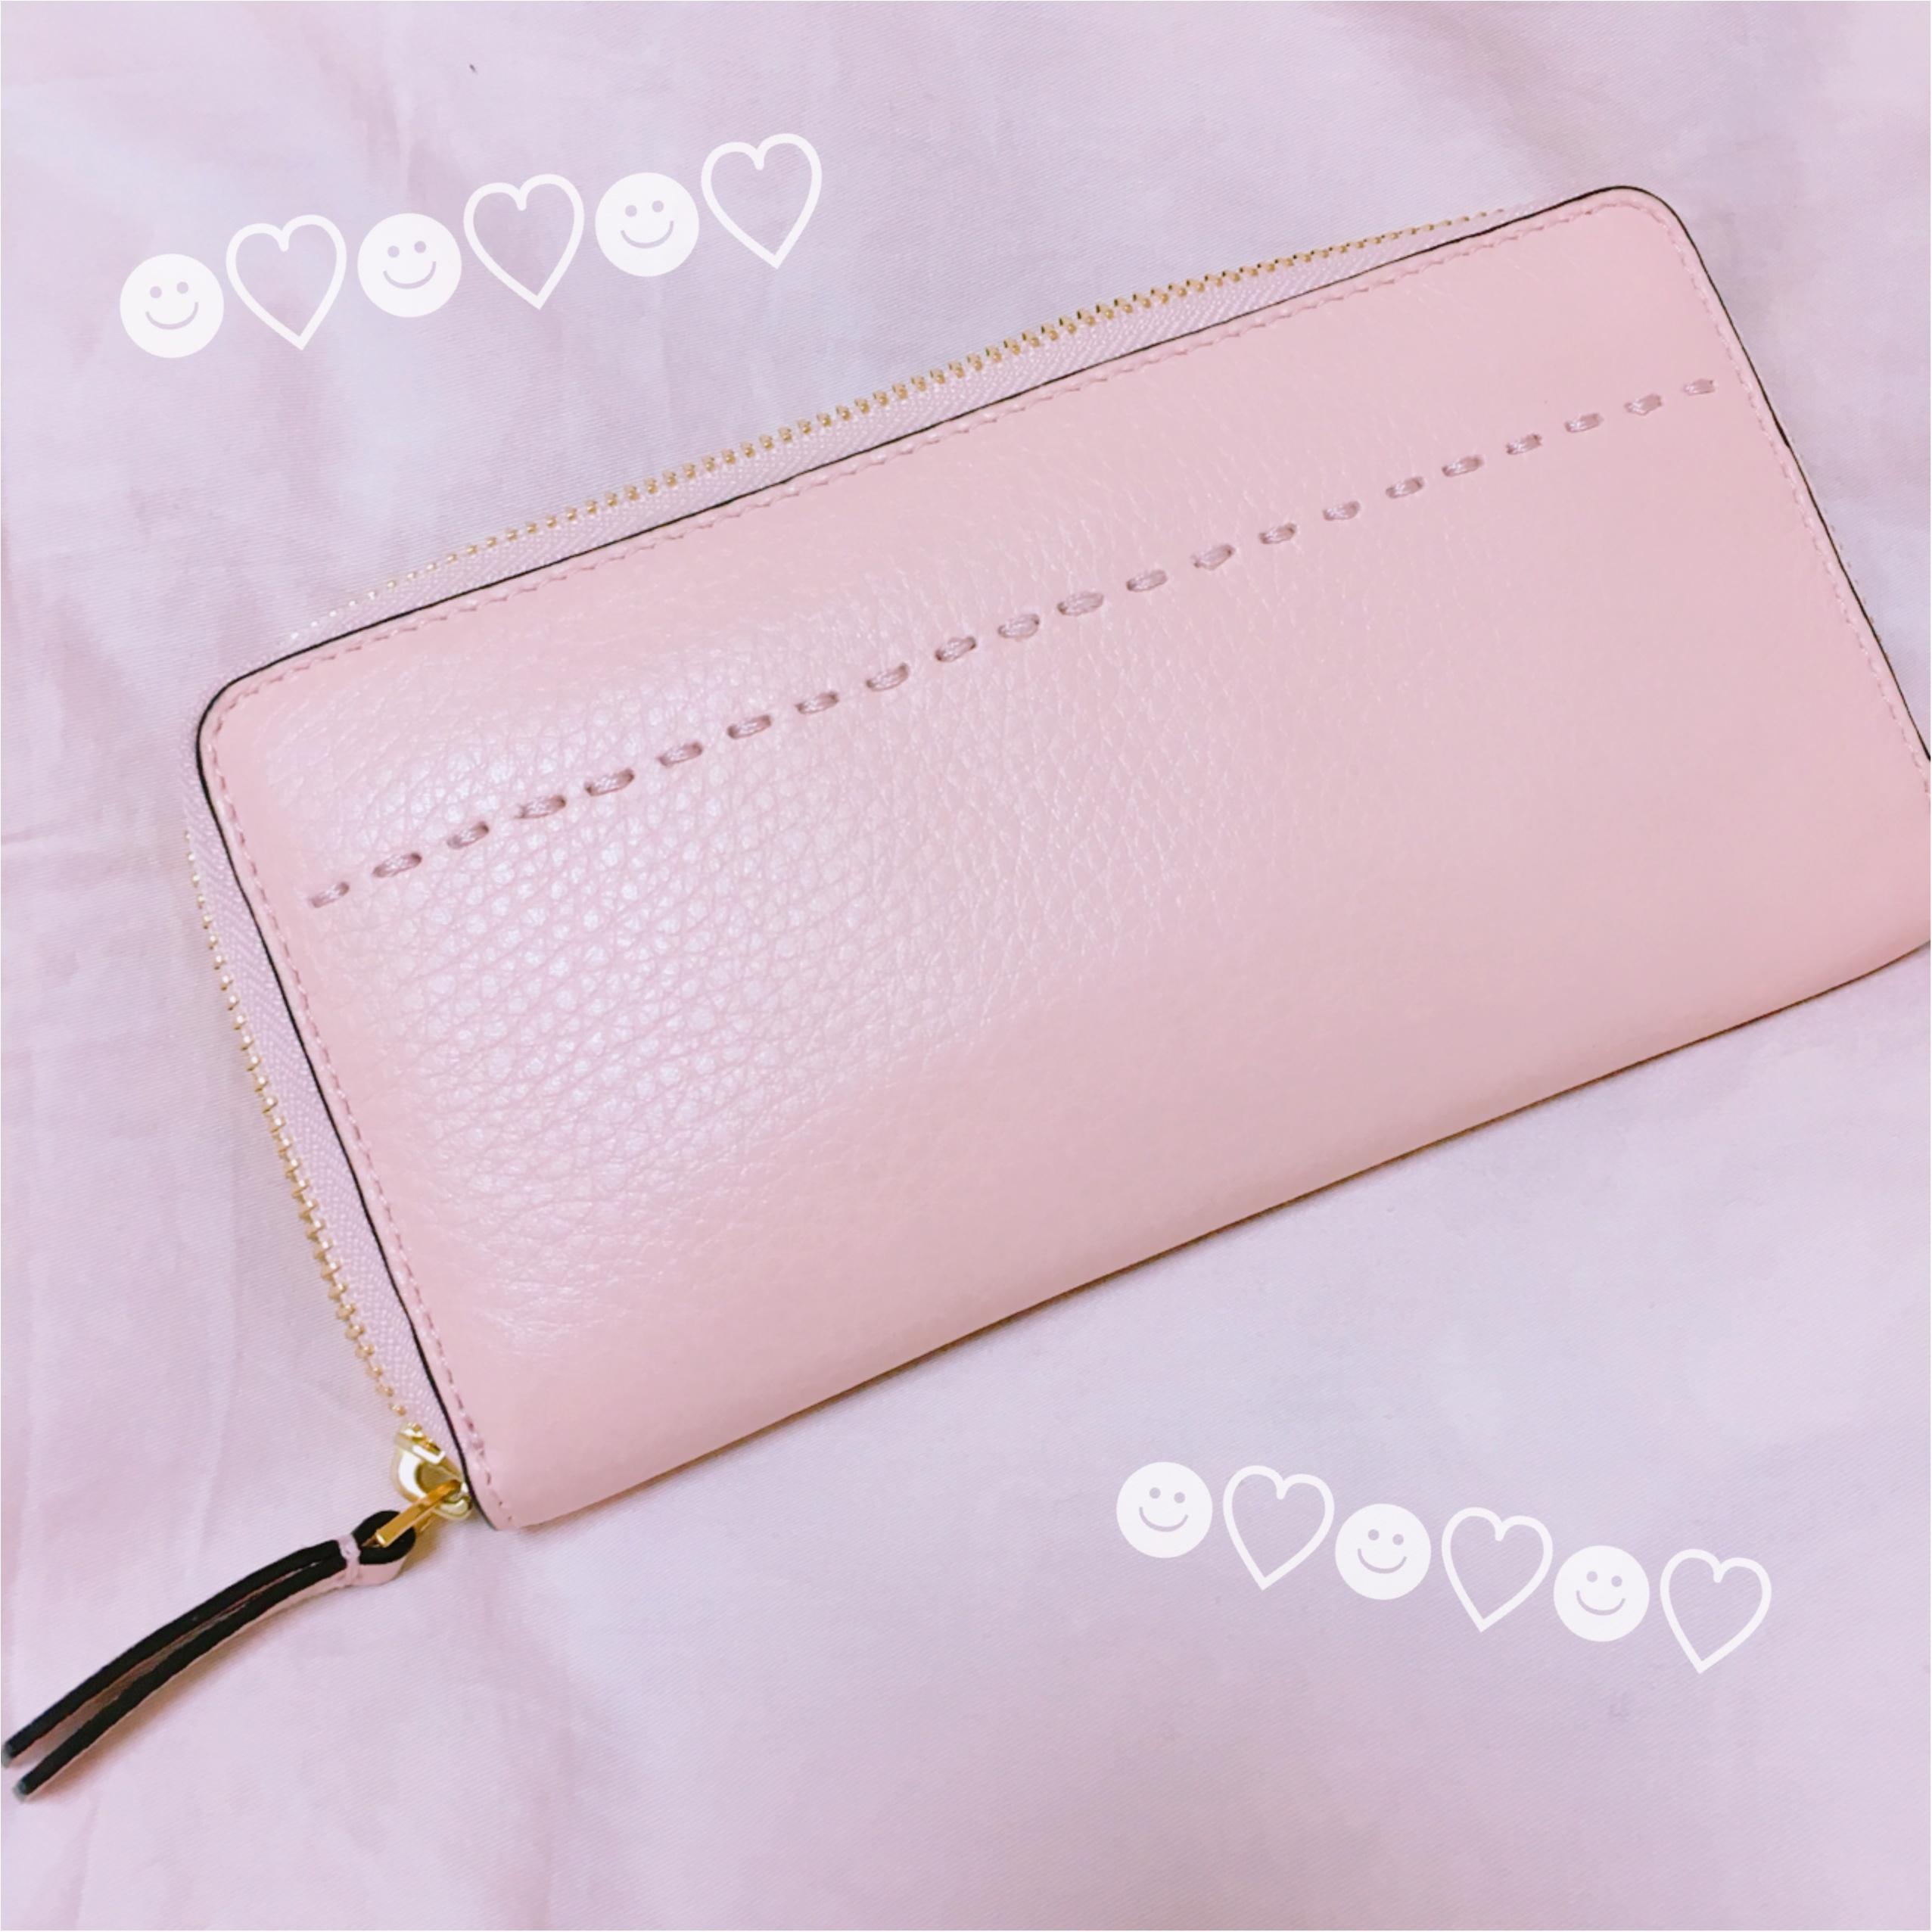 《恋愛運UPに効く最強カラー★》【TORY BURCH】でピンクの財布を新調しました❤️_2